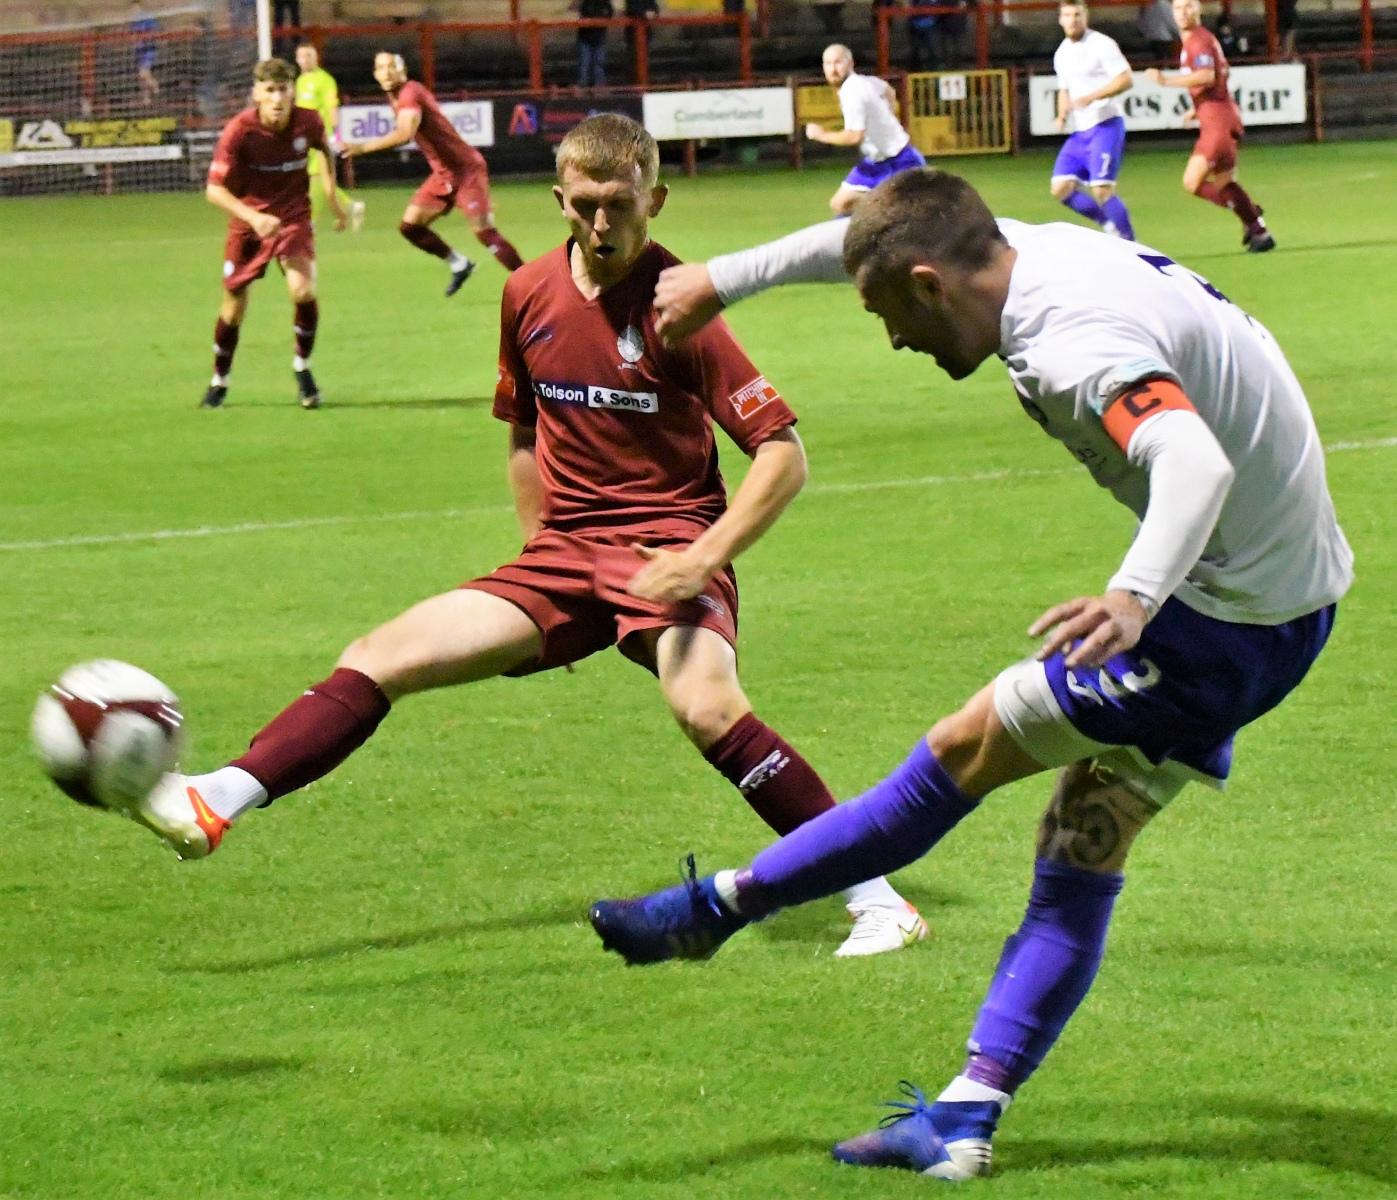 Tom-Kennedy-puts-the-ball-past-Reds-goal-scorer-Rowan-Roache-Ben-Challis